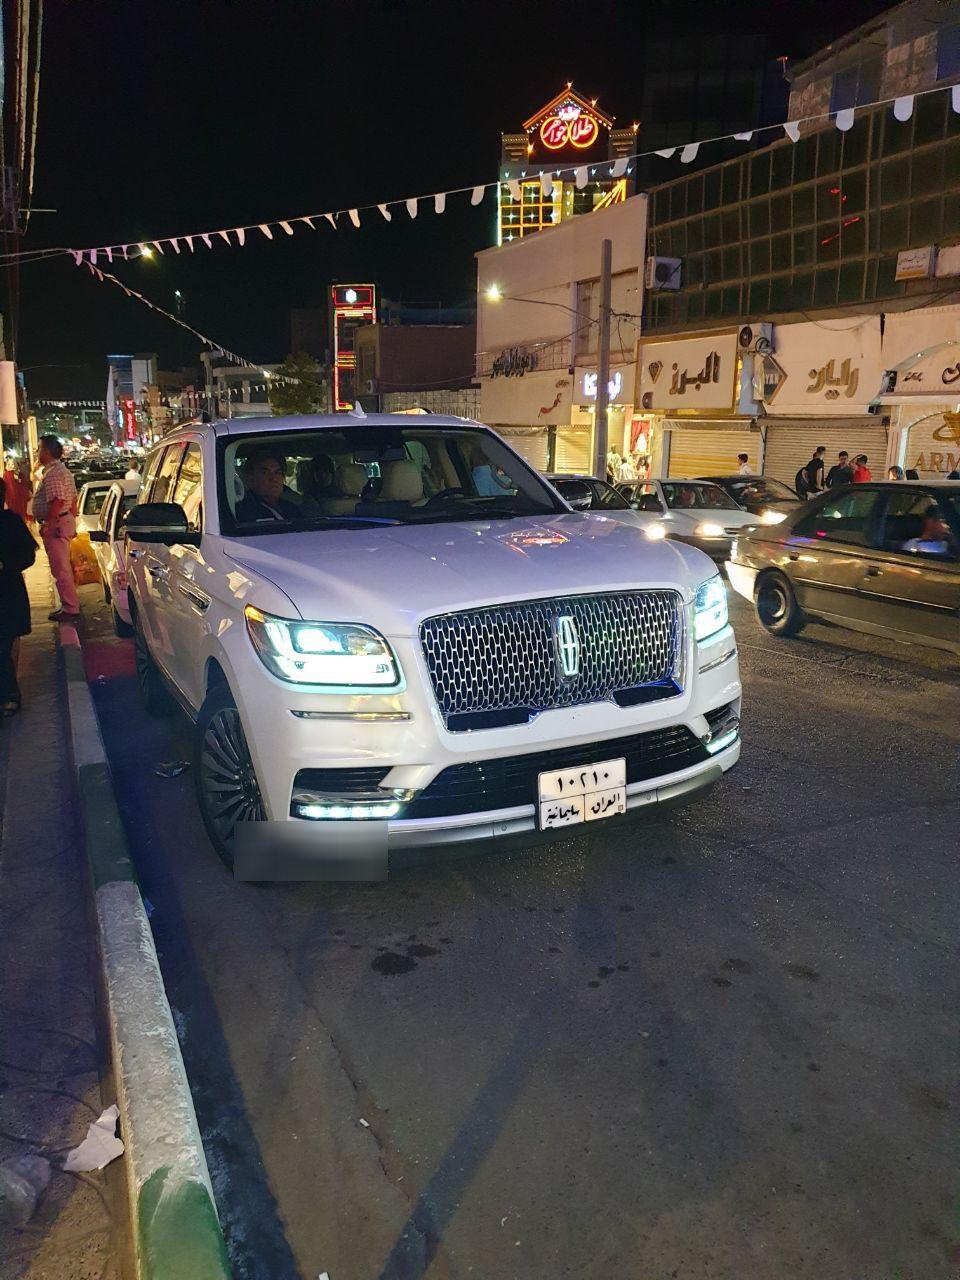 خودرو آمریکایی در ایران